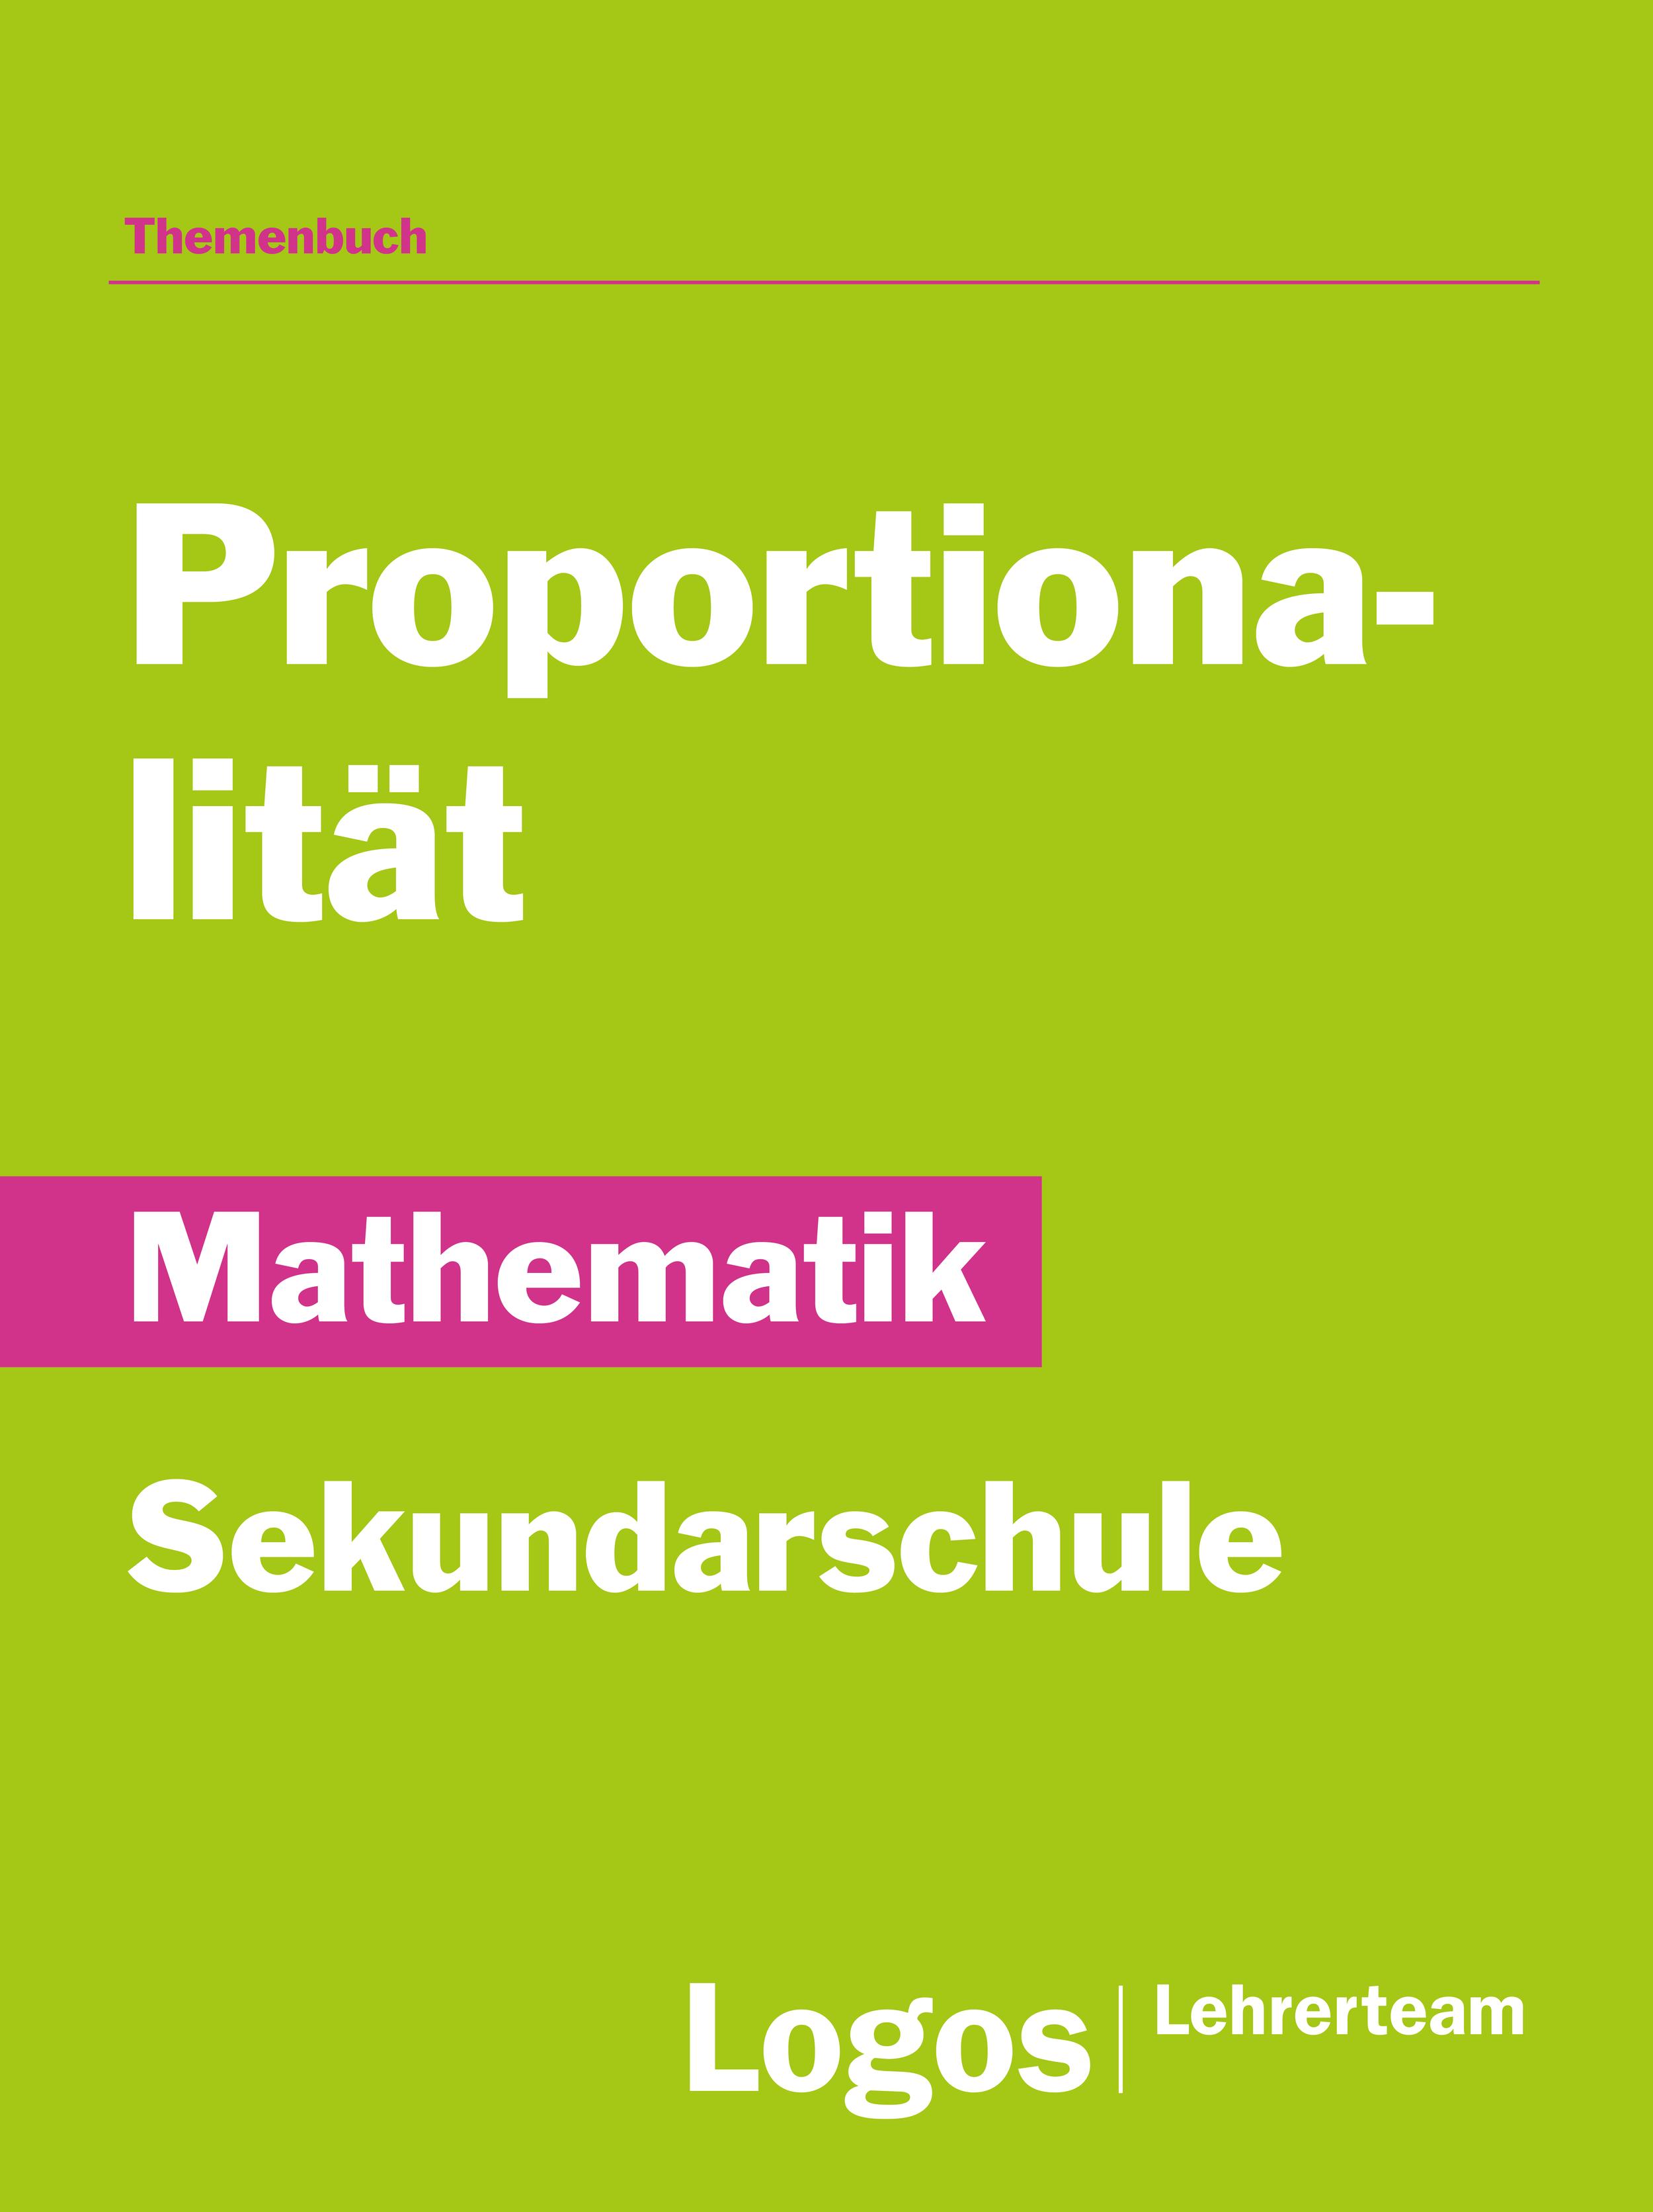 Mathematik Proportionalität - Sekundarschule